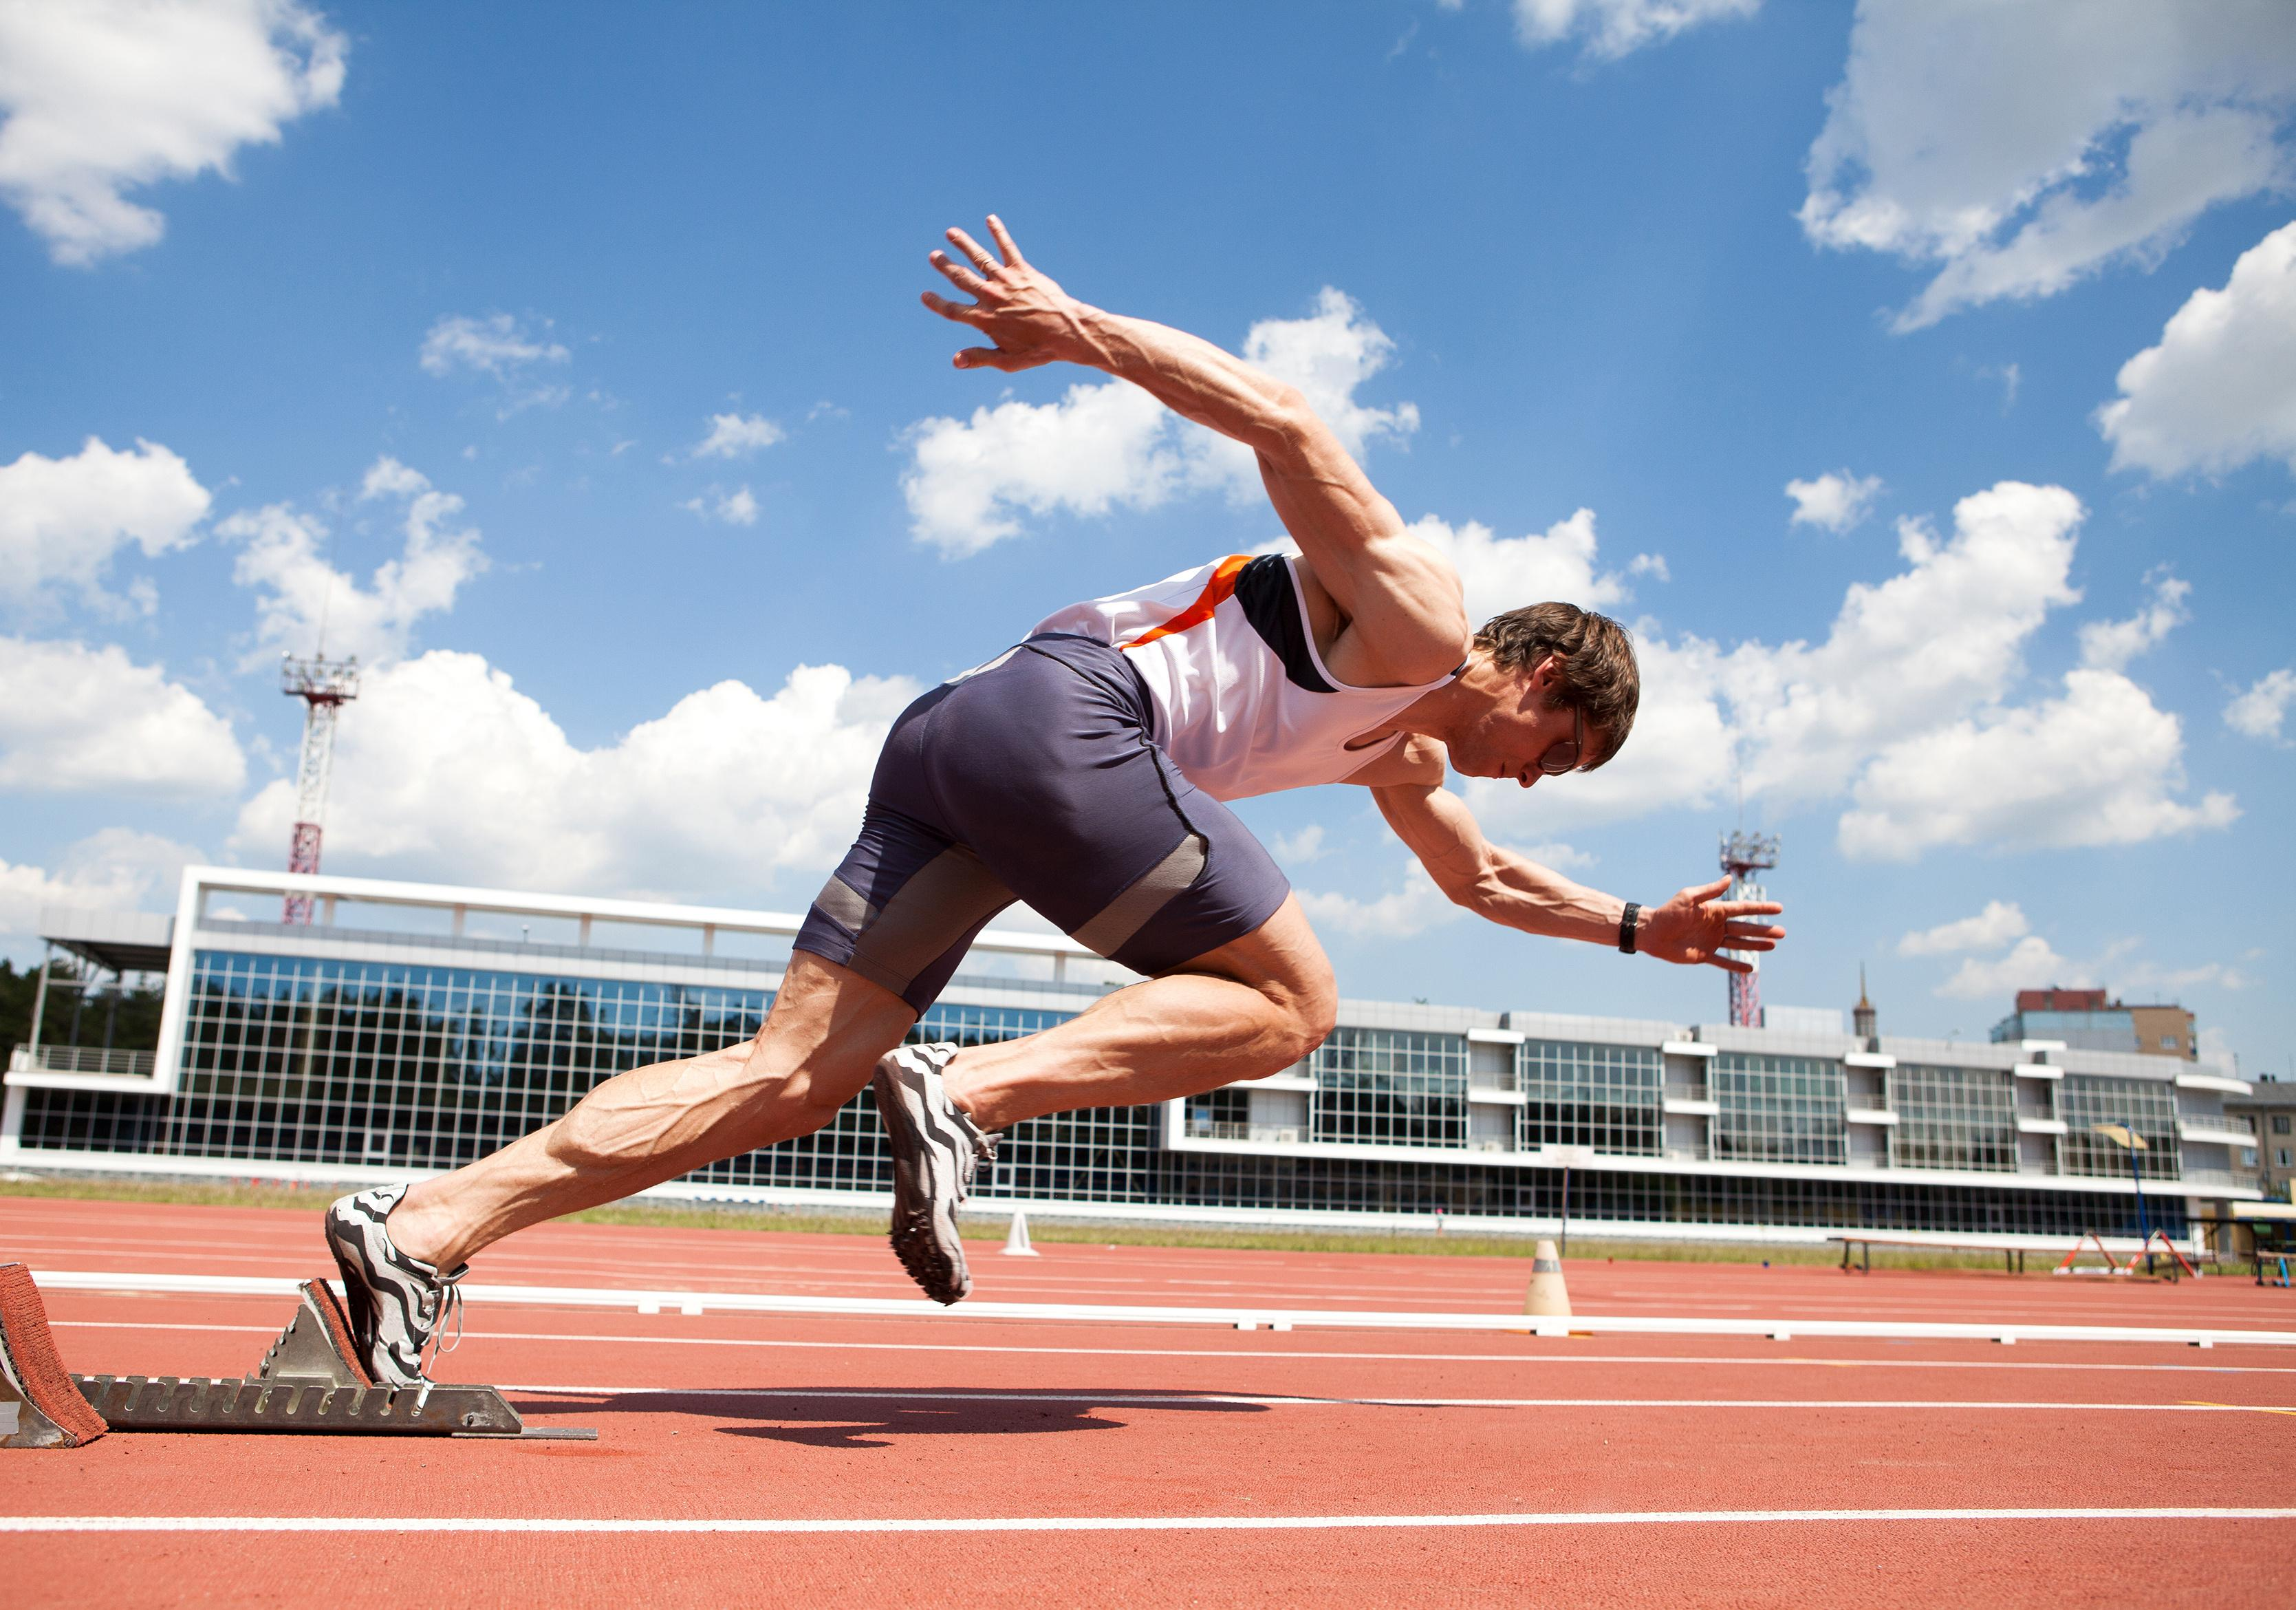 estamos celebrando en agosto los juegos olmpicos de ro de janeiro en la xxxi olimpiada y a muchos les sorprender conocer que estos juegos fueron